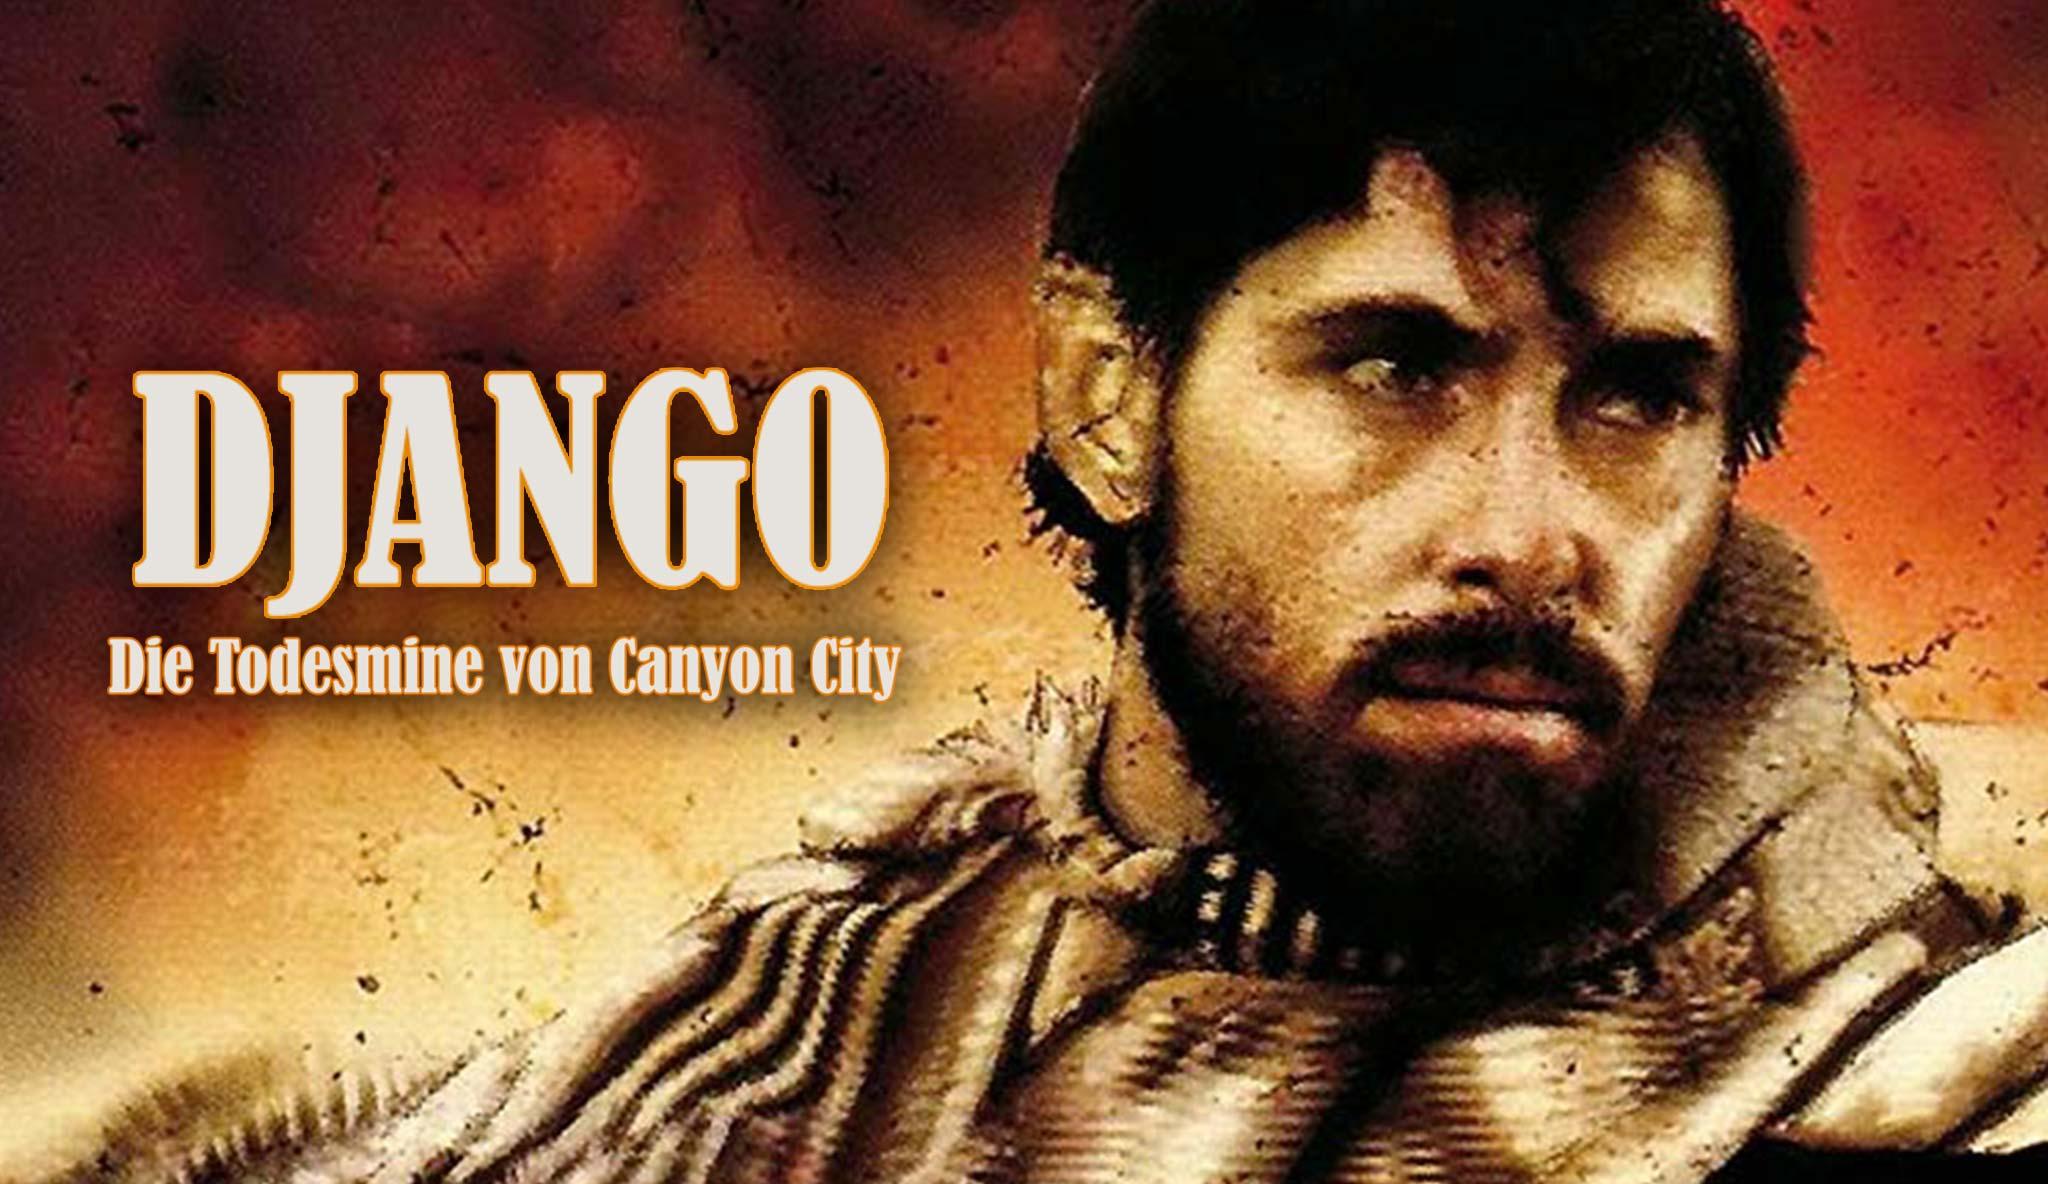 django-die-todesmine-von-canyon-city\header.jpg